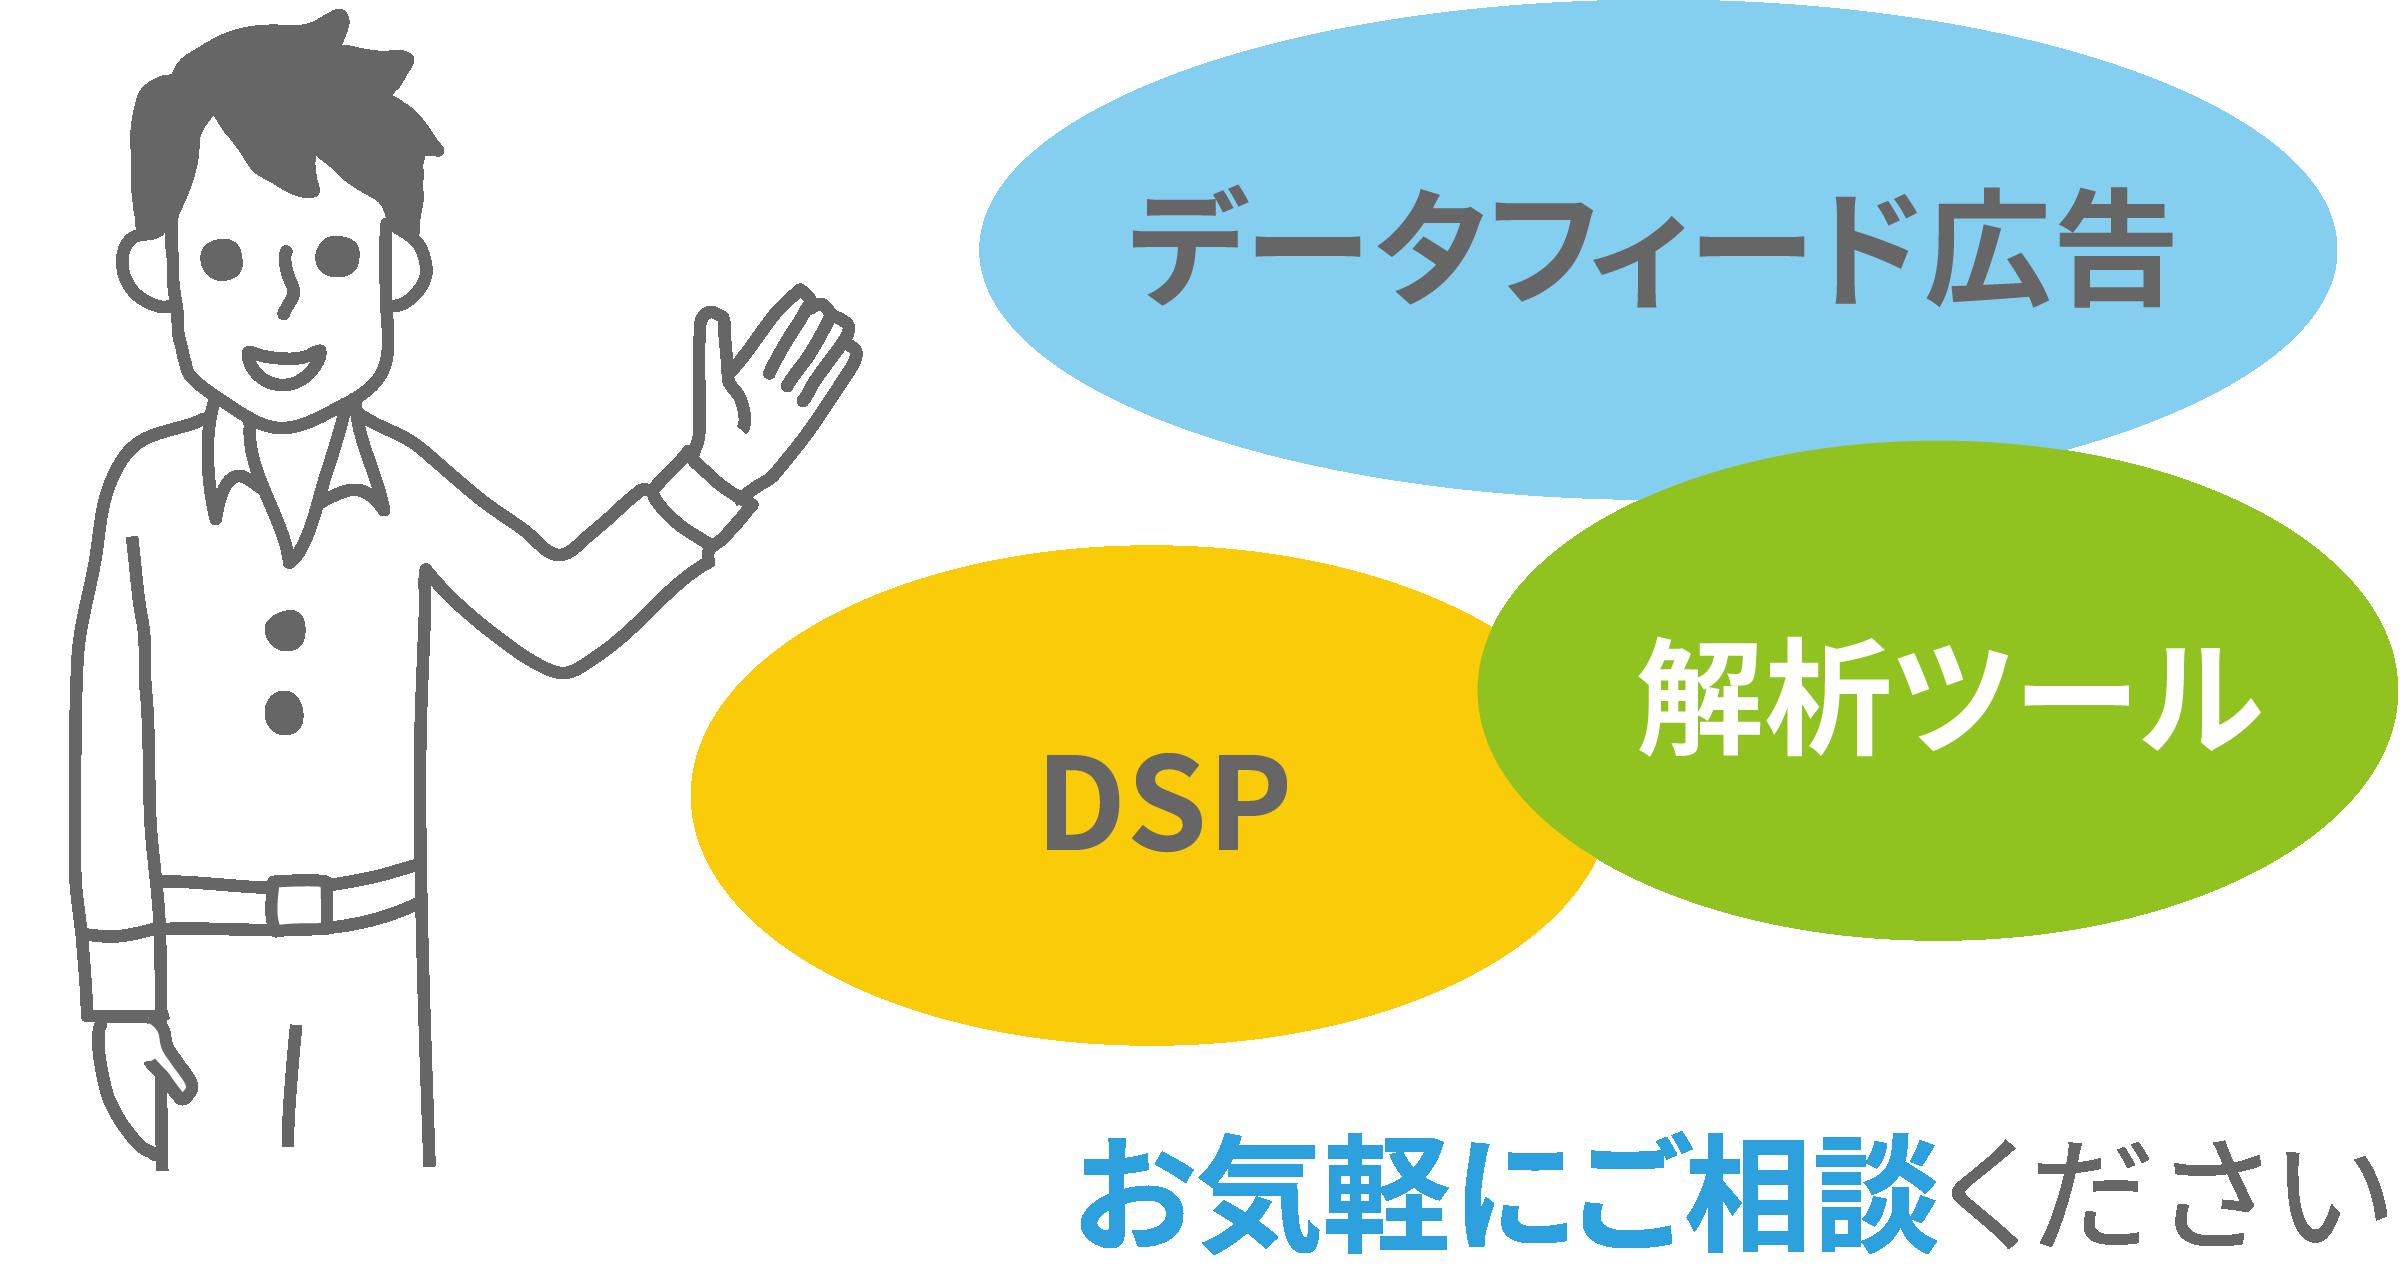 運用型広告(Criteo、DSP、その他の運用型広告など)